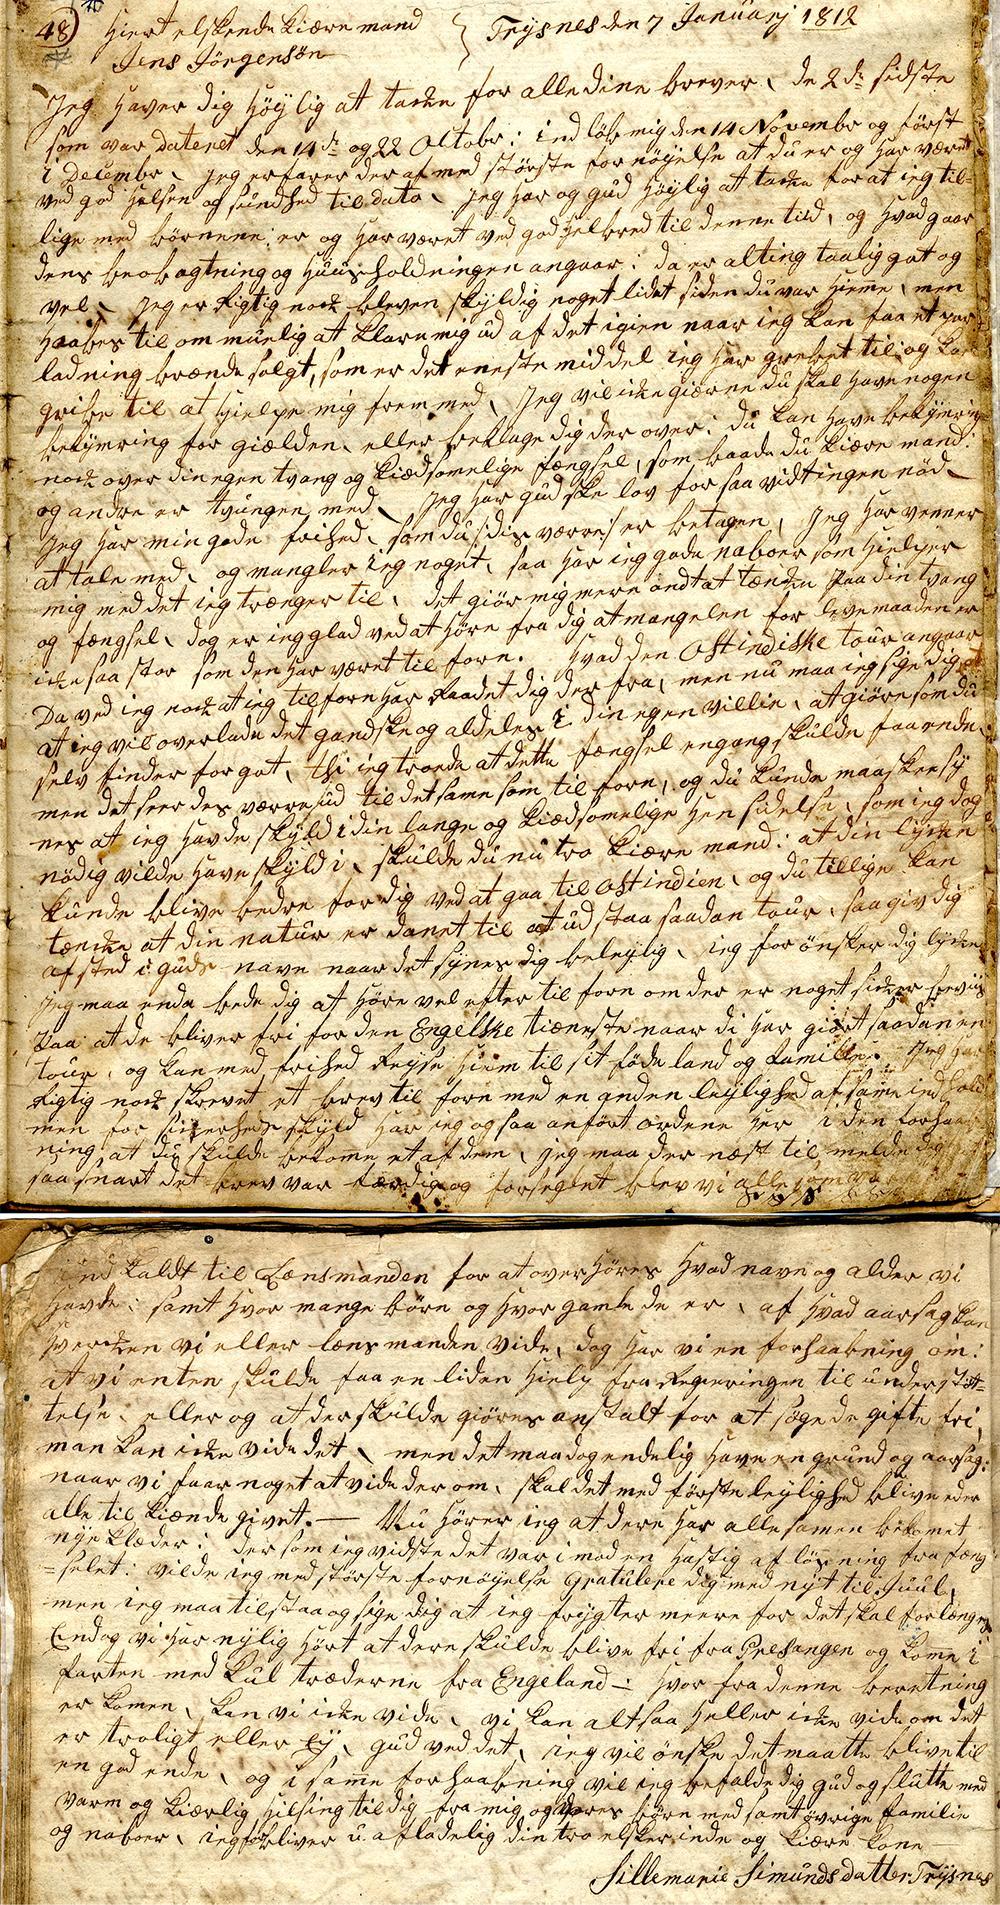 Håndskrevet brev. Fotografi.